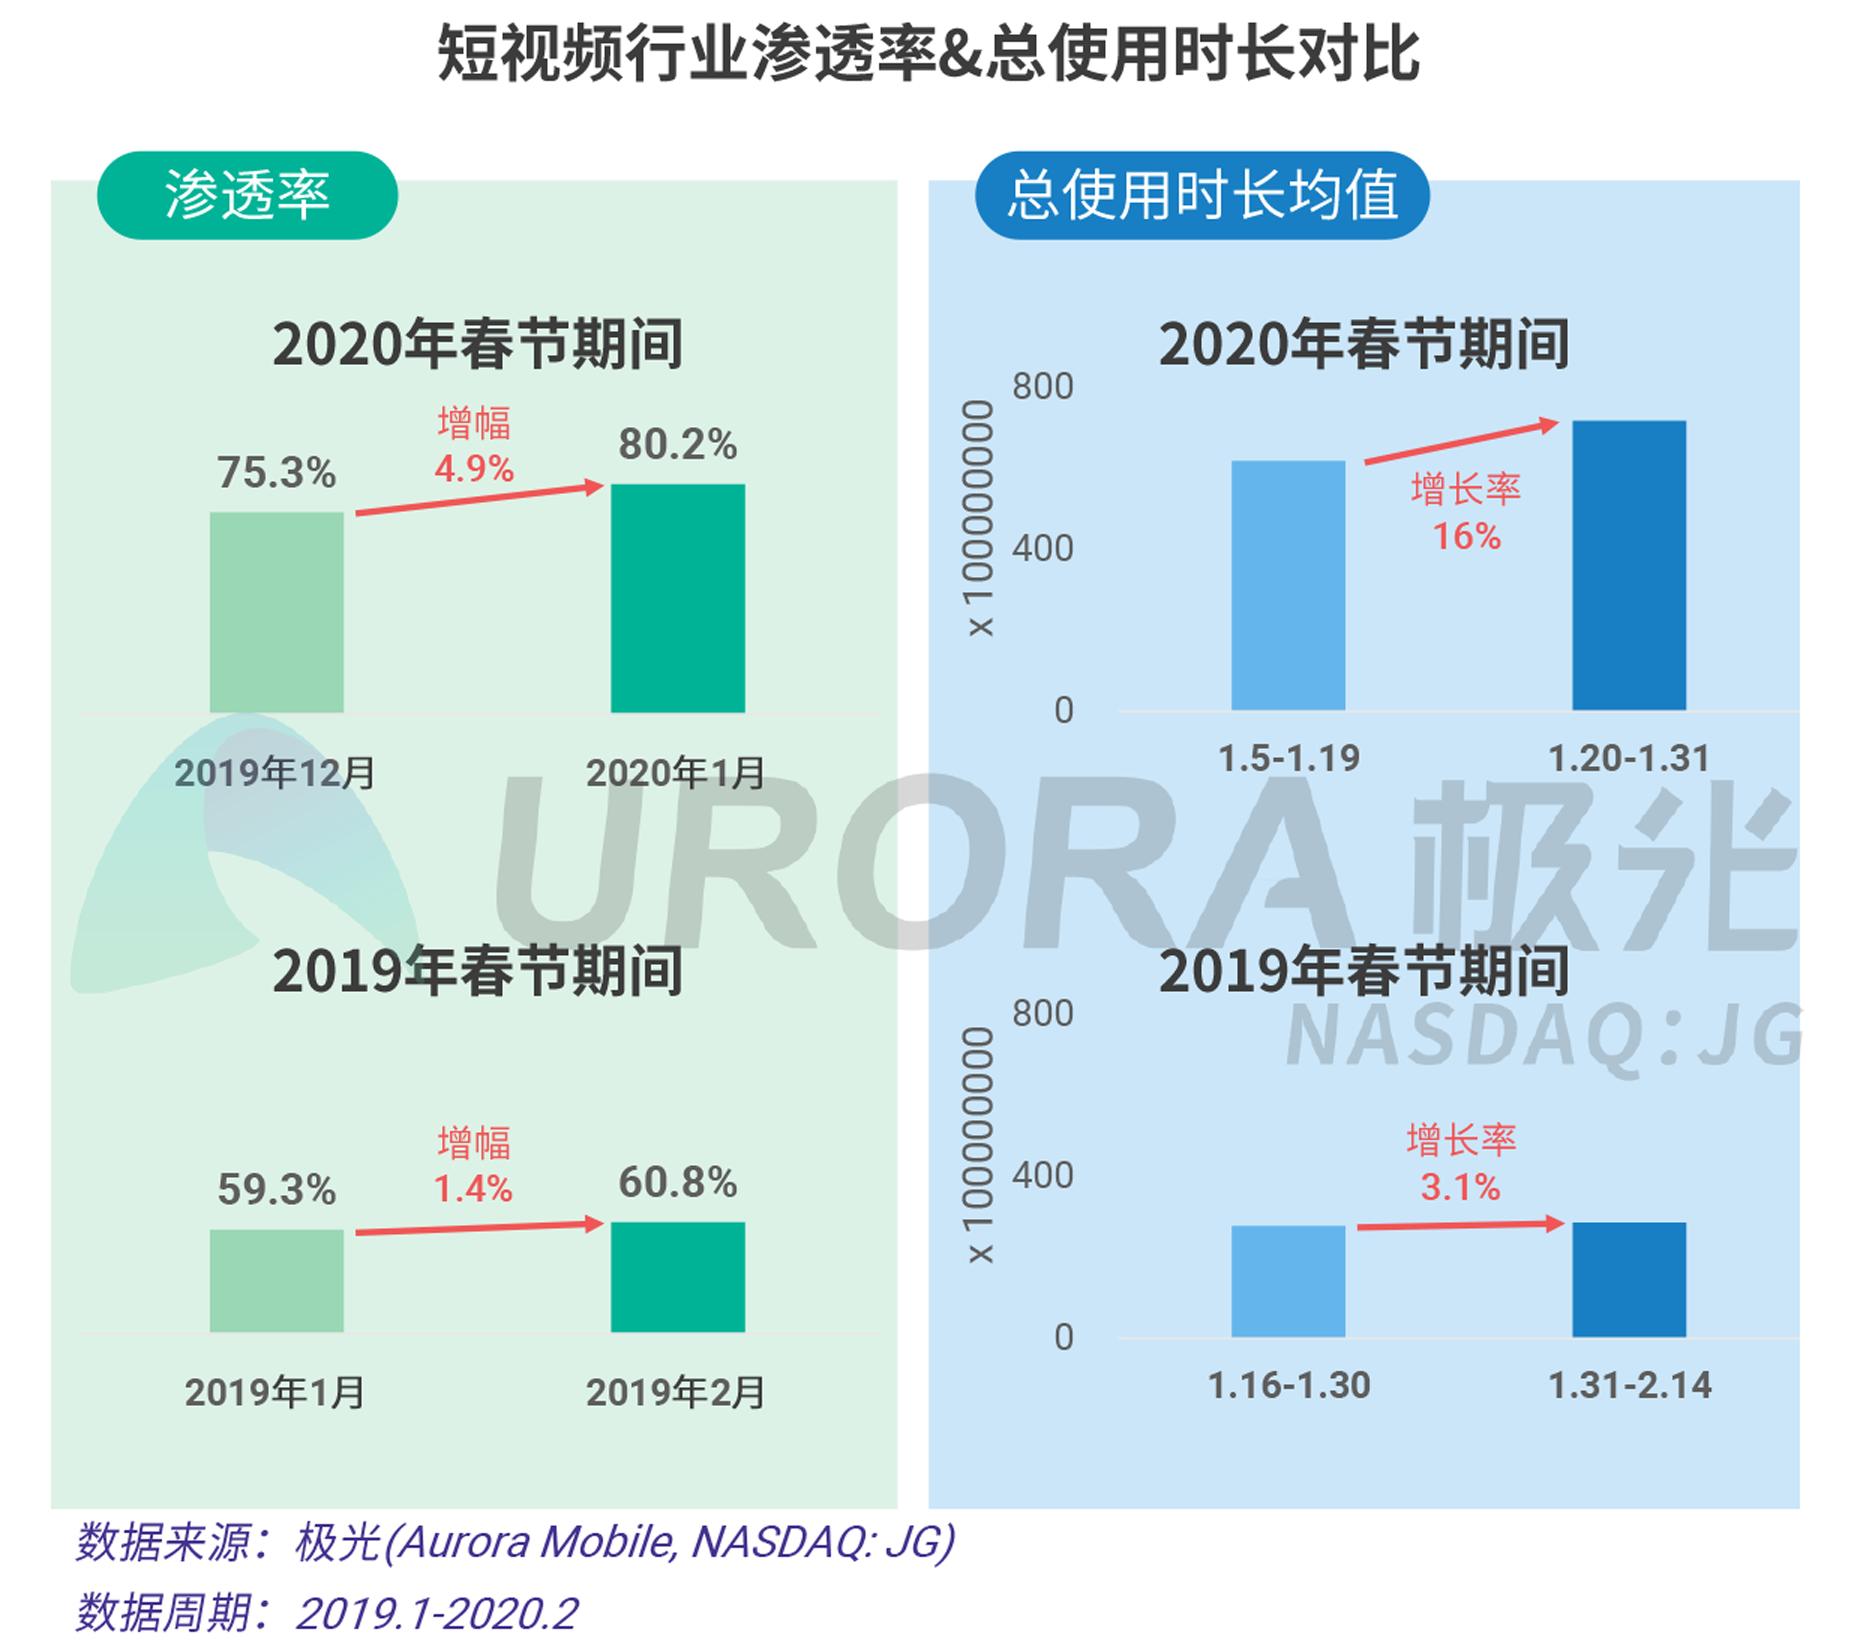 2020年春节移动互联行业热点观察V20-13.png